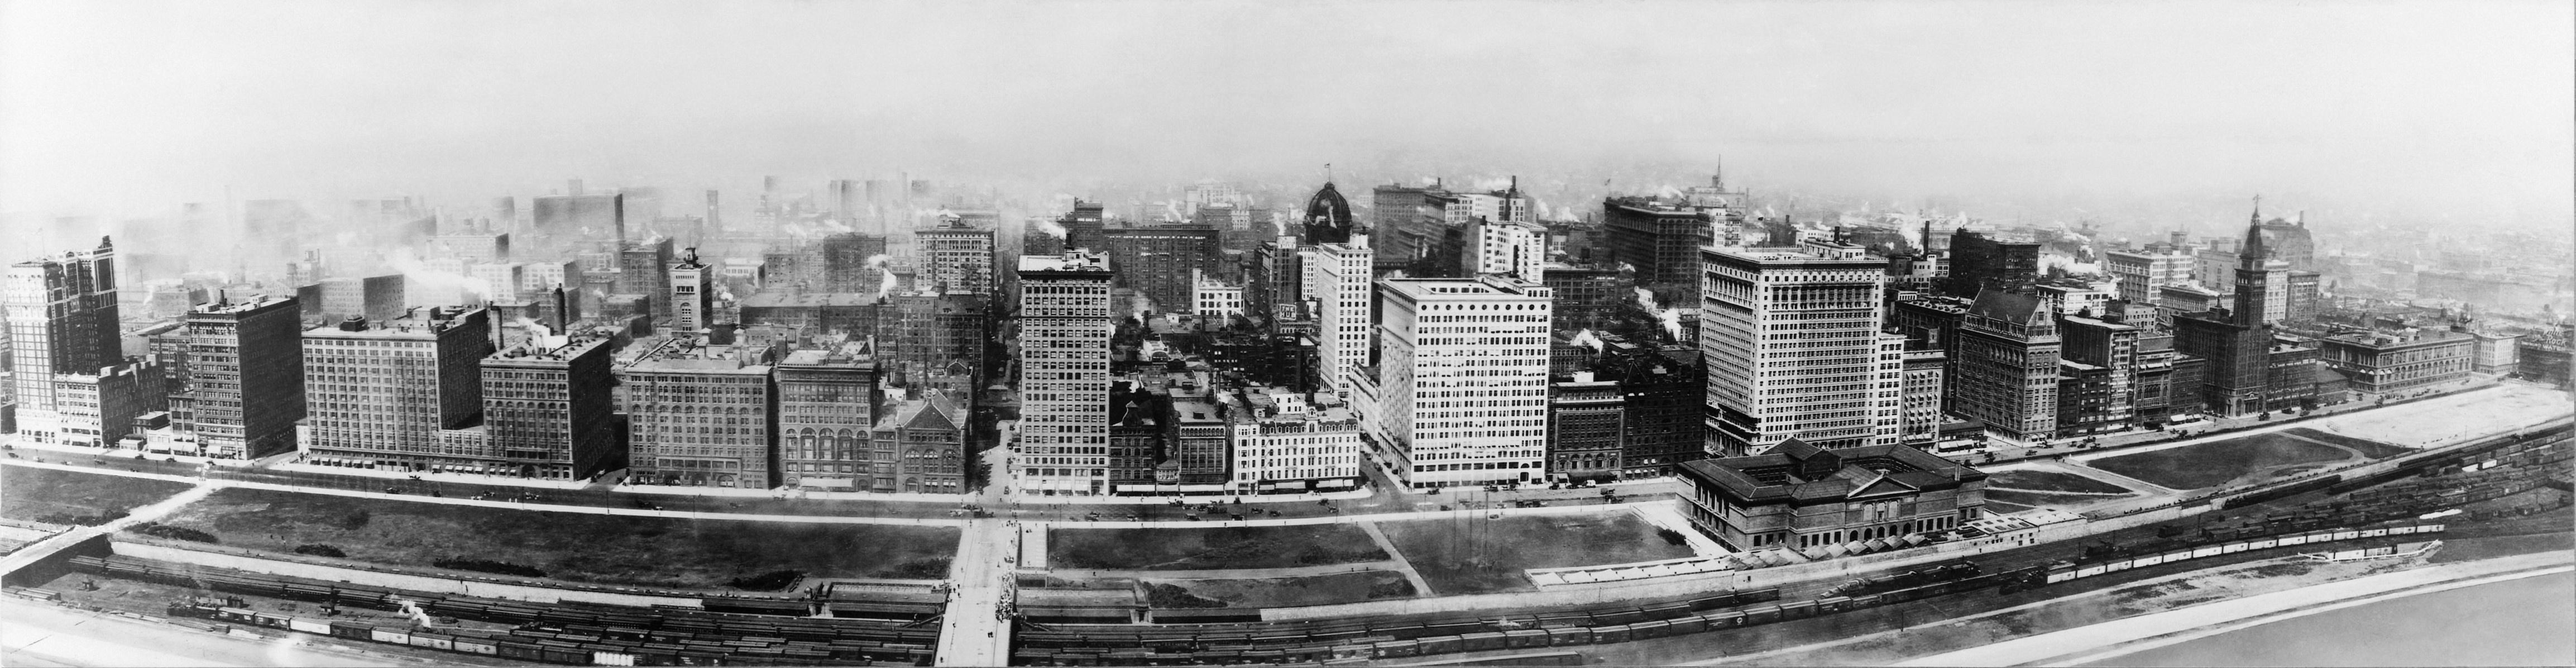 chicago_michigan_avenue_1911